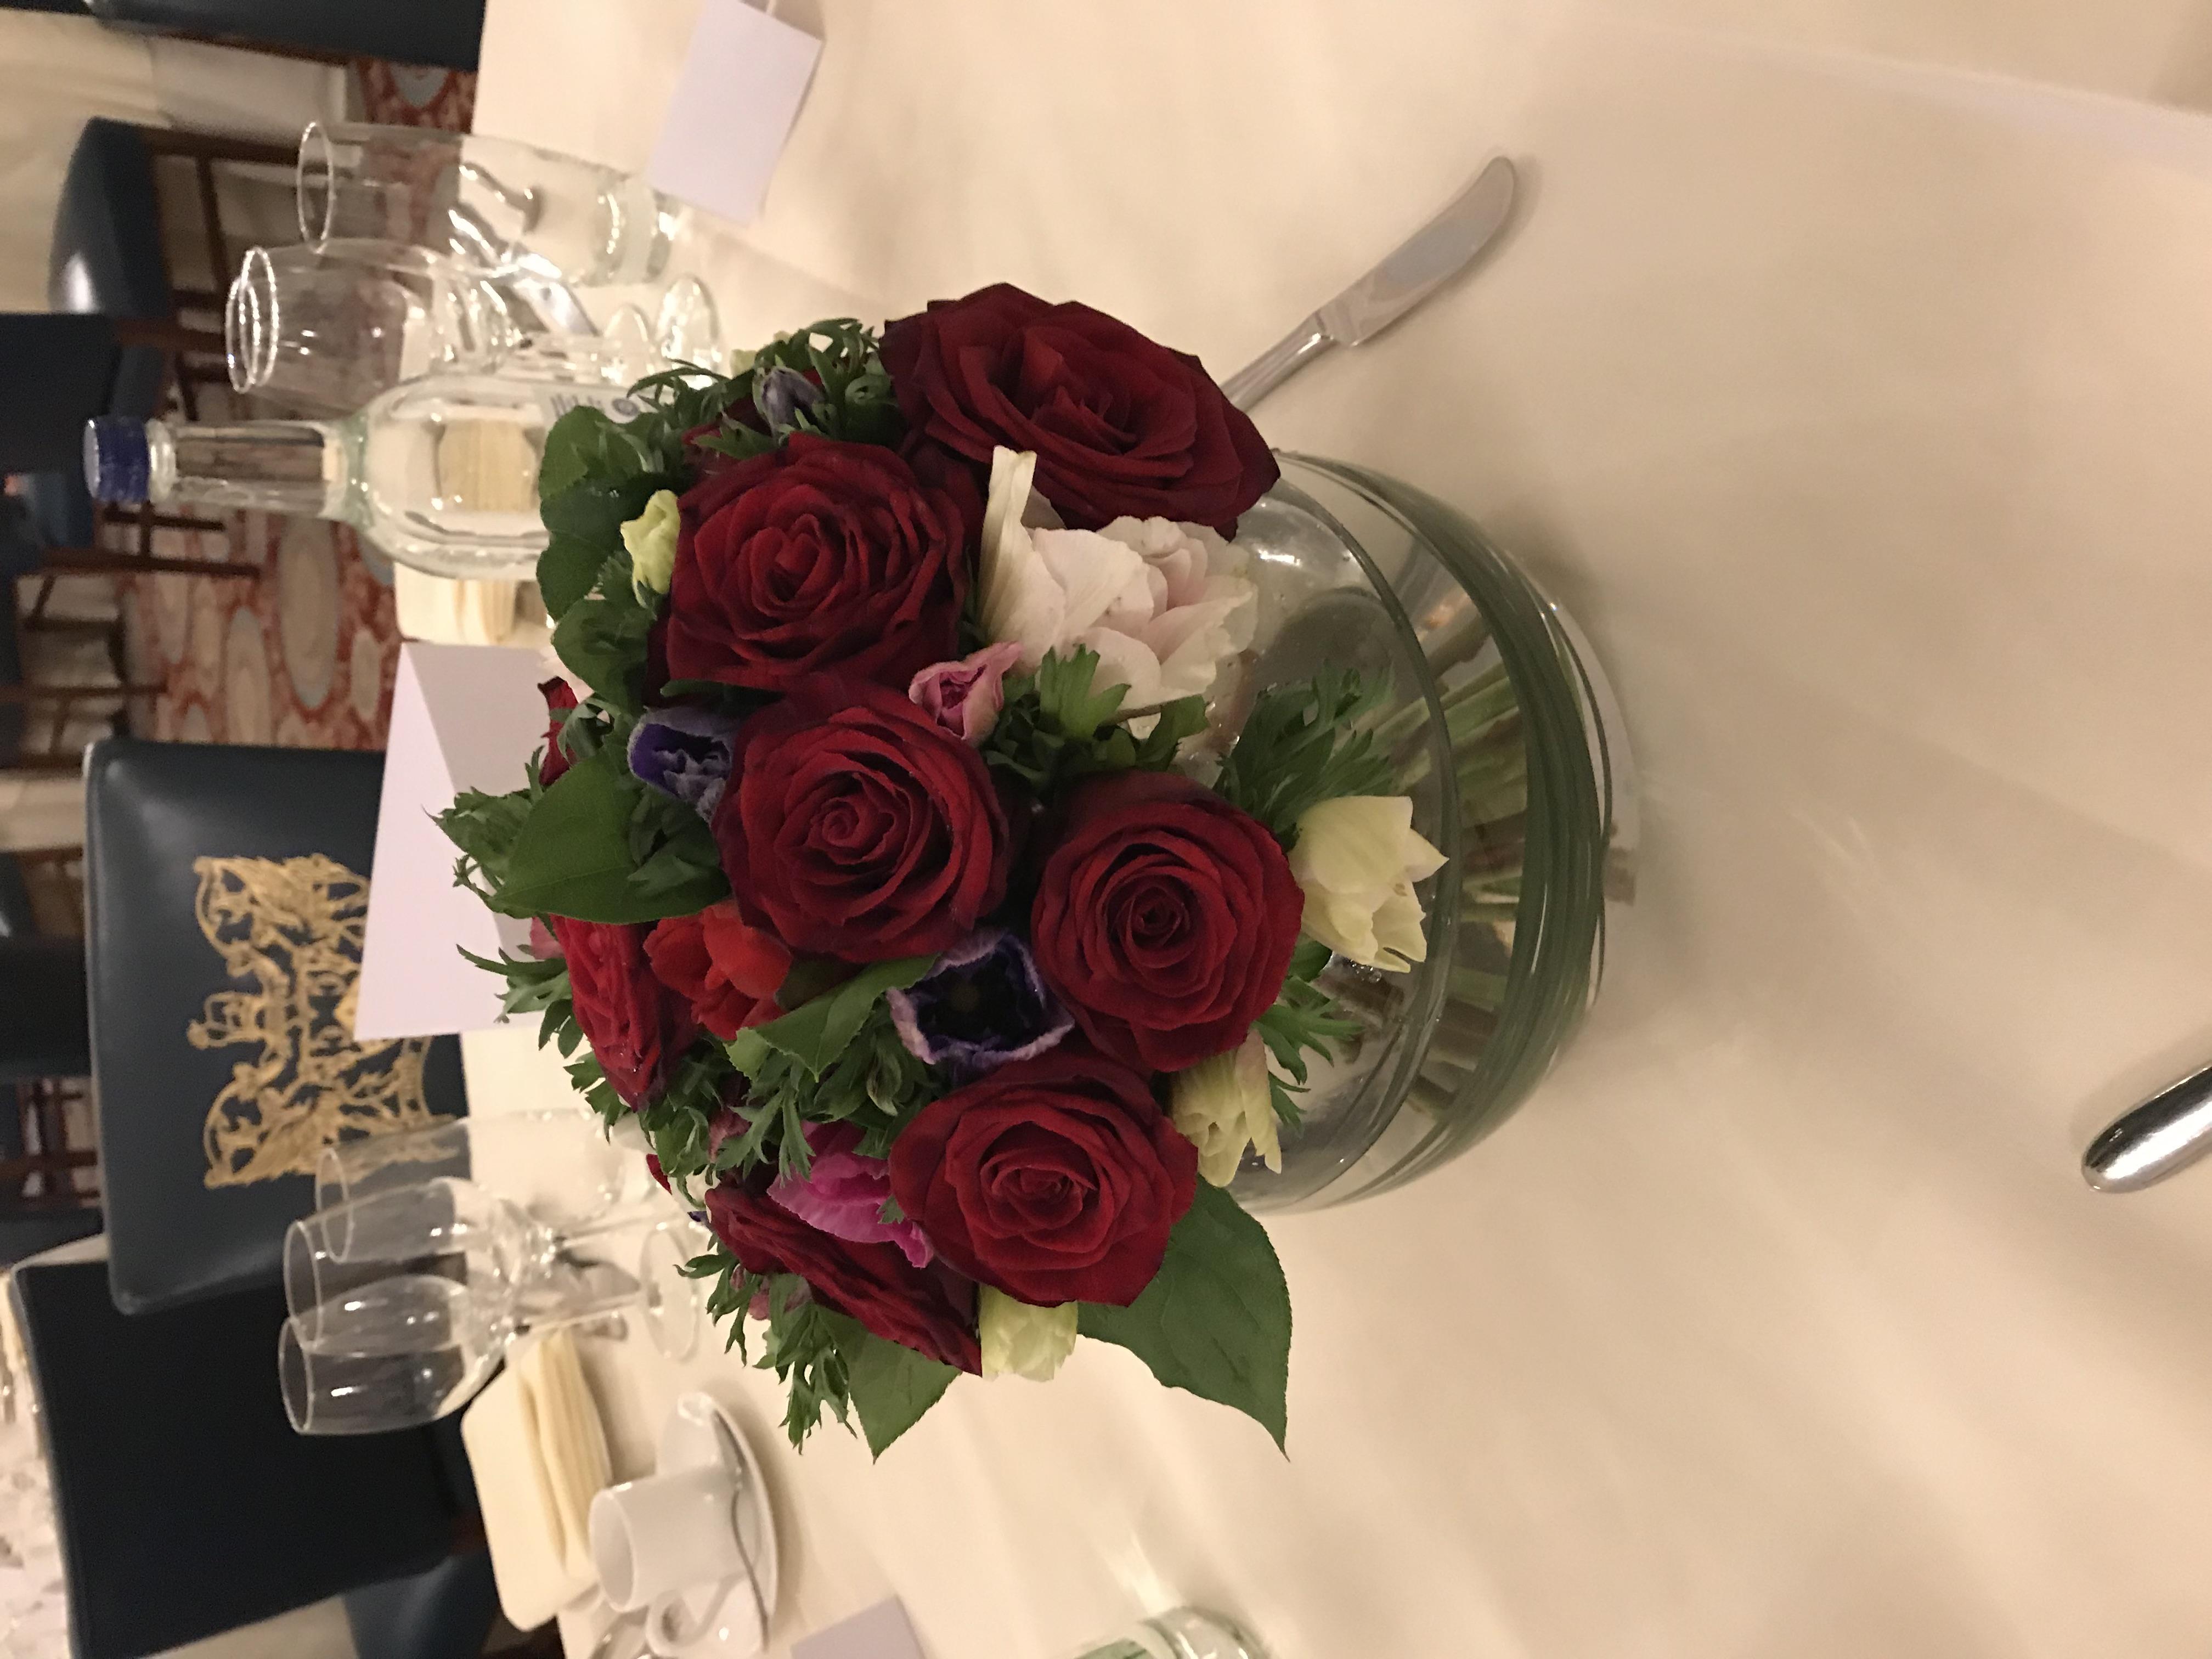 Grand prix roses in fishbowl